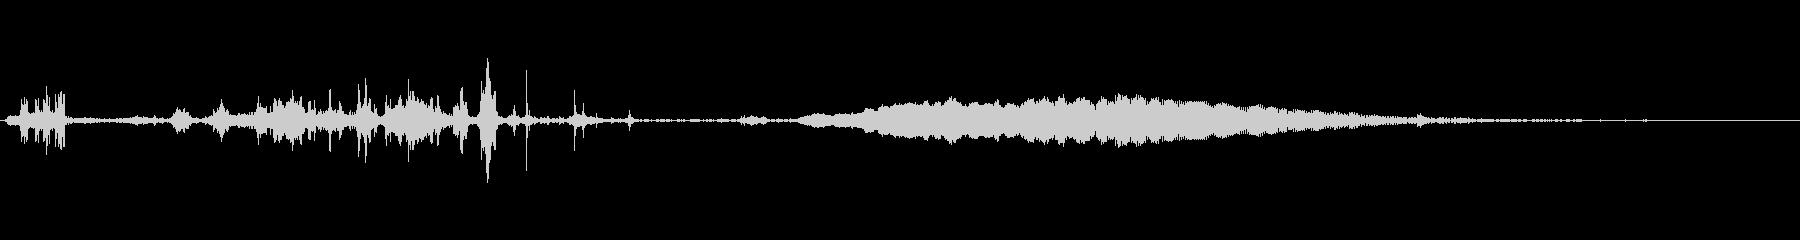 電気ウナギ、電気スプラッタサブドロ...の未再生の波形